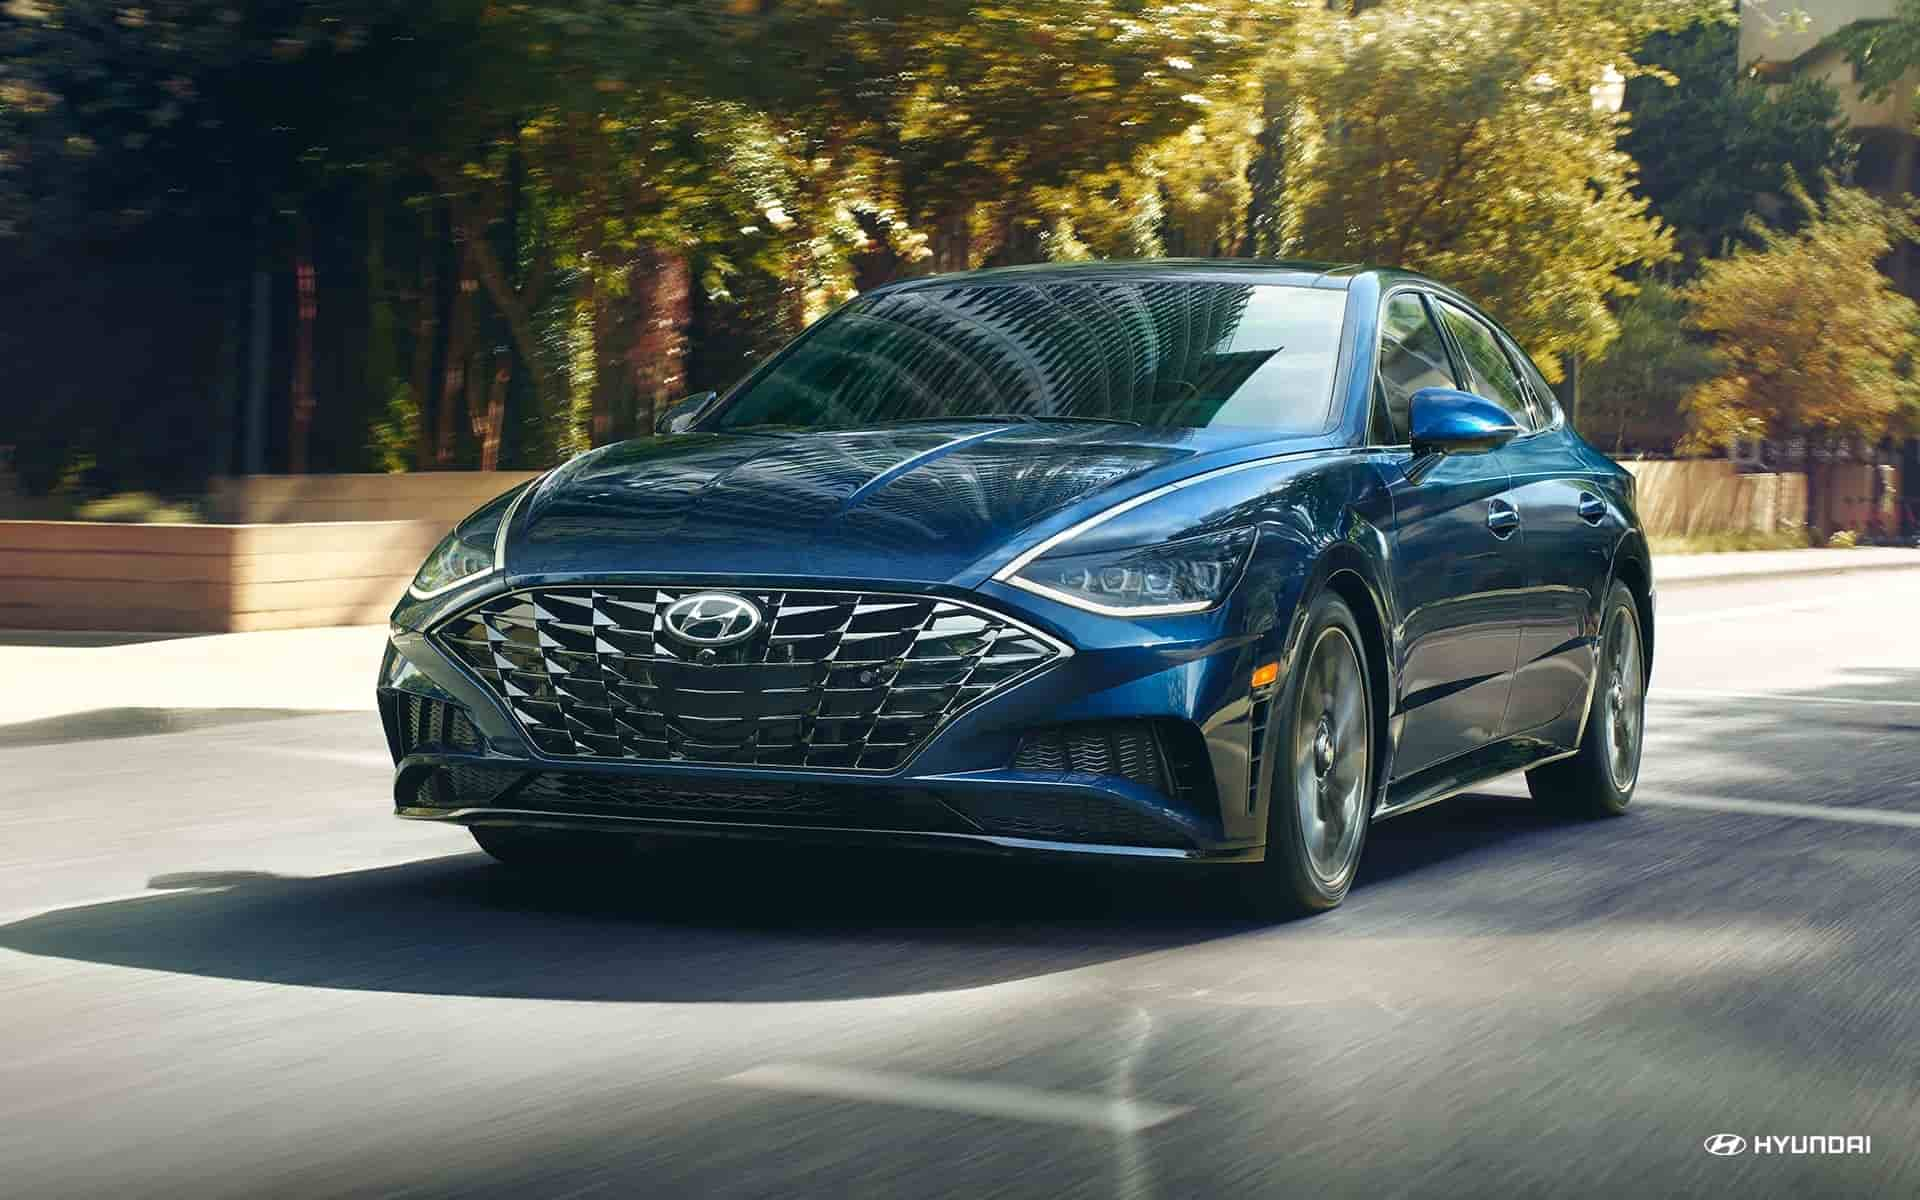 Learn about the 2020 Hyundai Sonata near Centennial CO